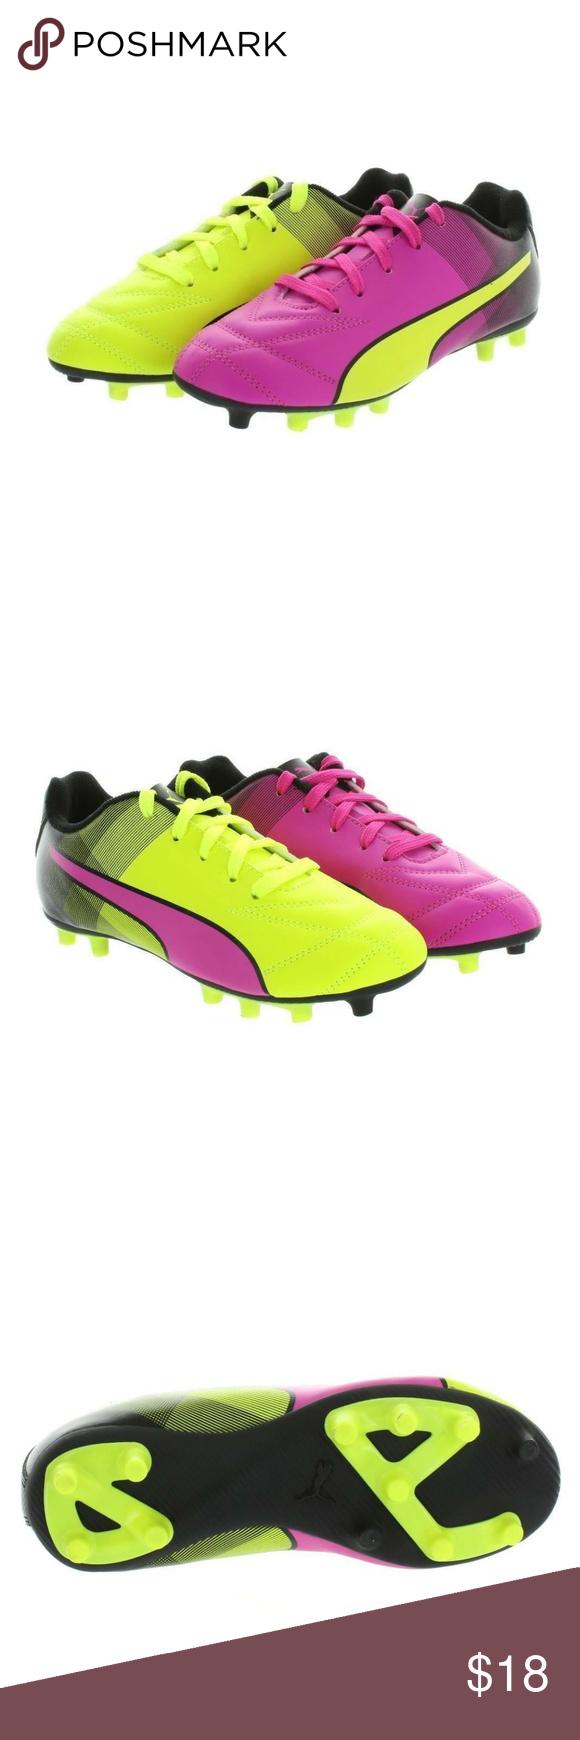 1b2568489 Puma Little Big Kids Adreno II Fg Jr Soccer Shoes Product Name  Puma Little